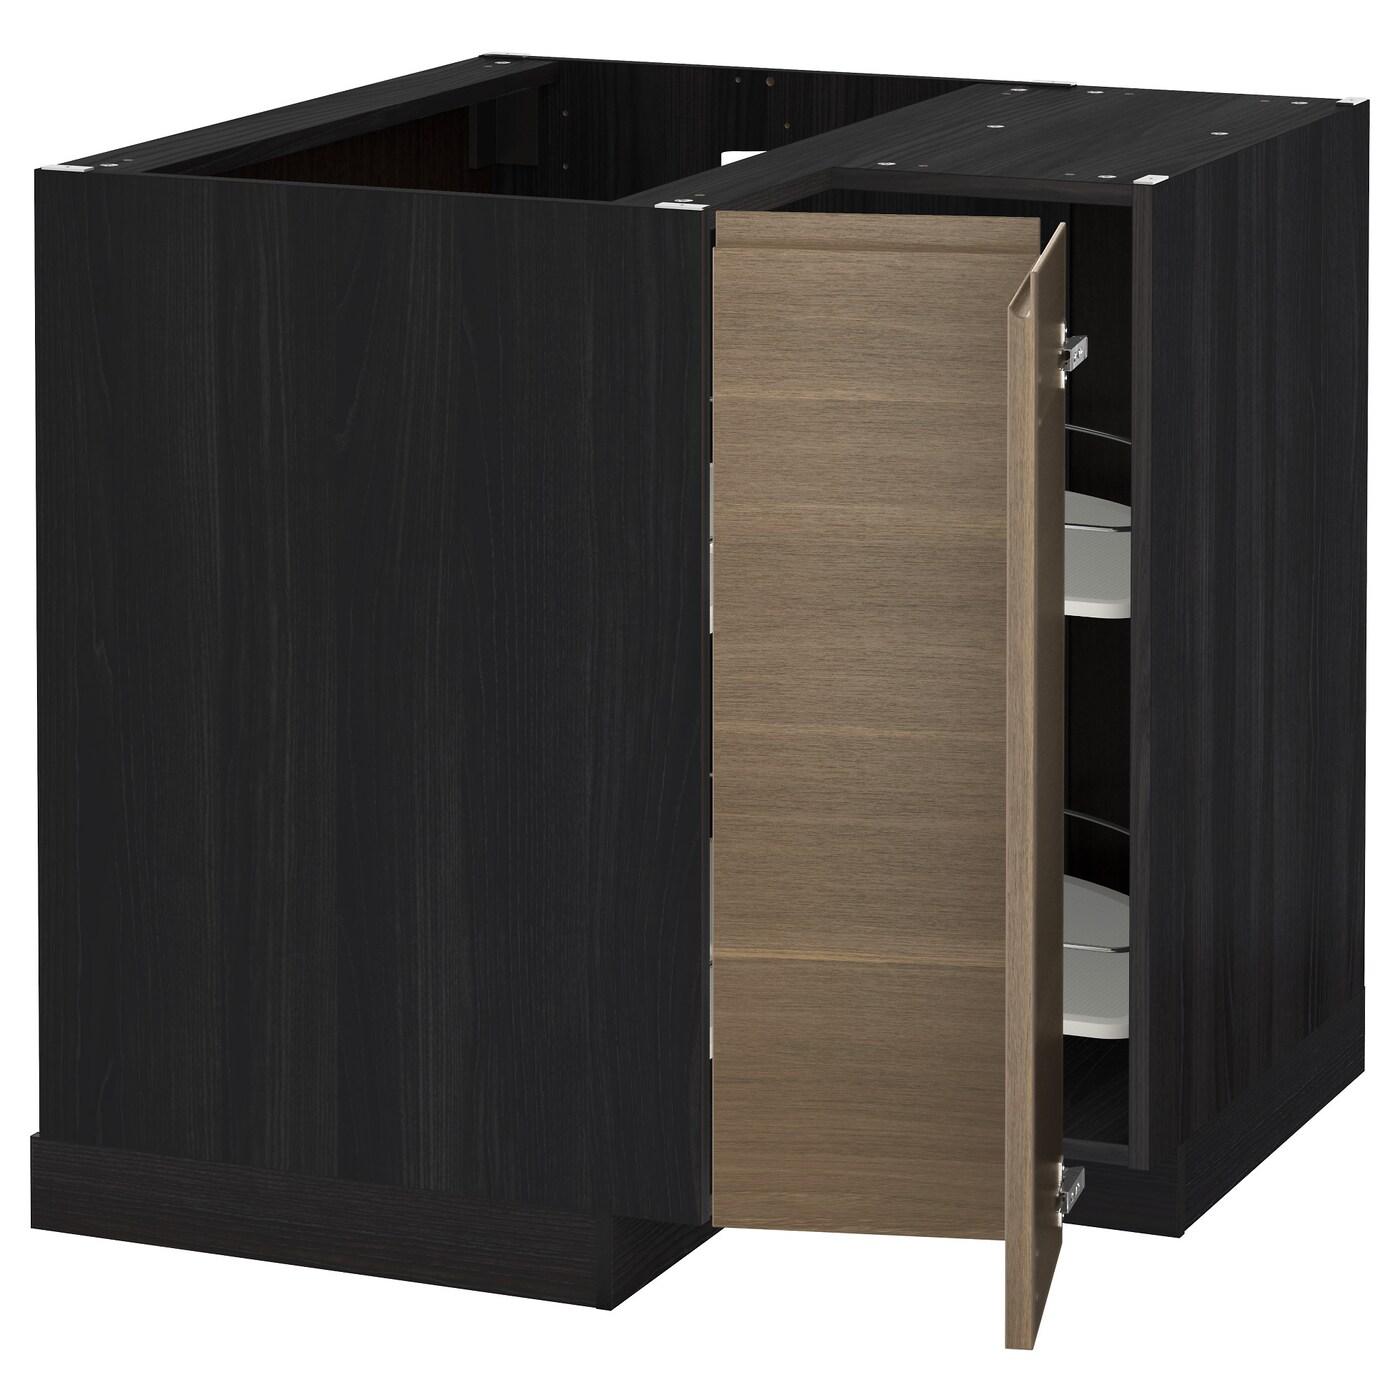 Full Size of Voxtorp Küche Ikea Metod Eckunterschrank Karussell Schwarz Was Kostet Eine Neue Teppich Für Landhaus Mit Elektrogeräten Günstig Unterschränke Tapeten Wohnzimmer Voxtorp Küche Ikea